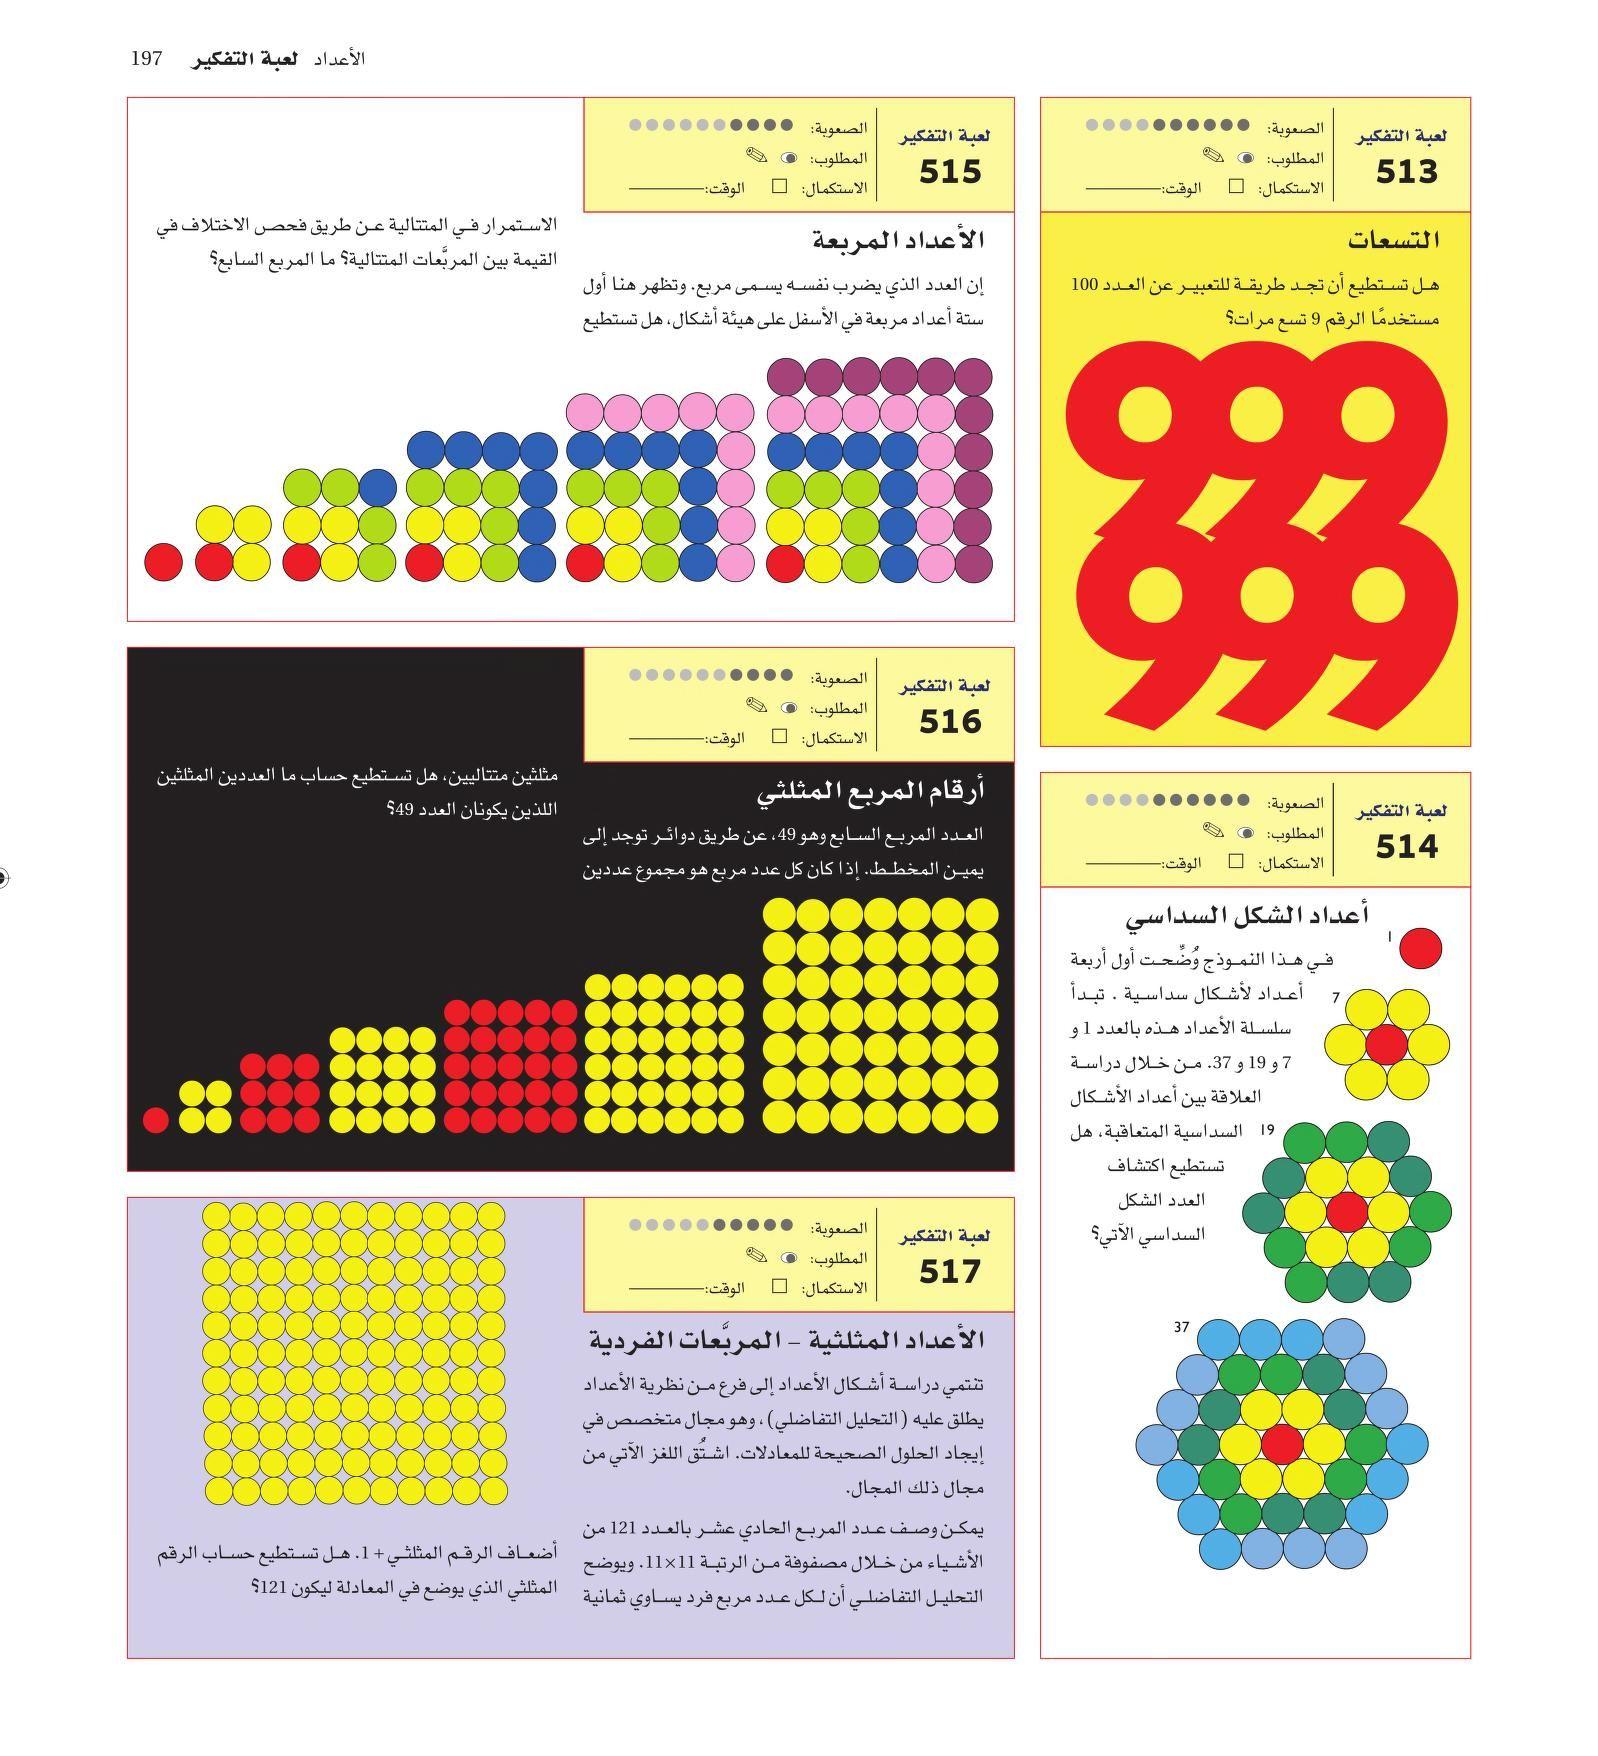 مناهج رياض الأطفال منى علي جاد Map Diagram Periodic Table